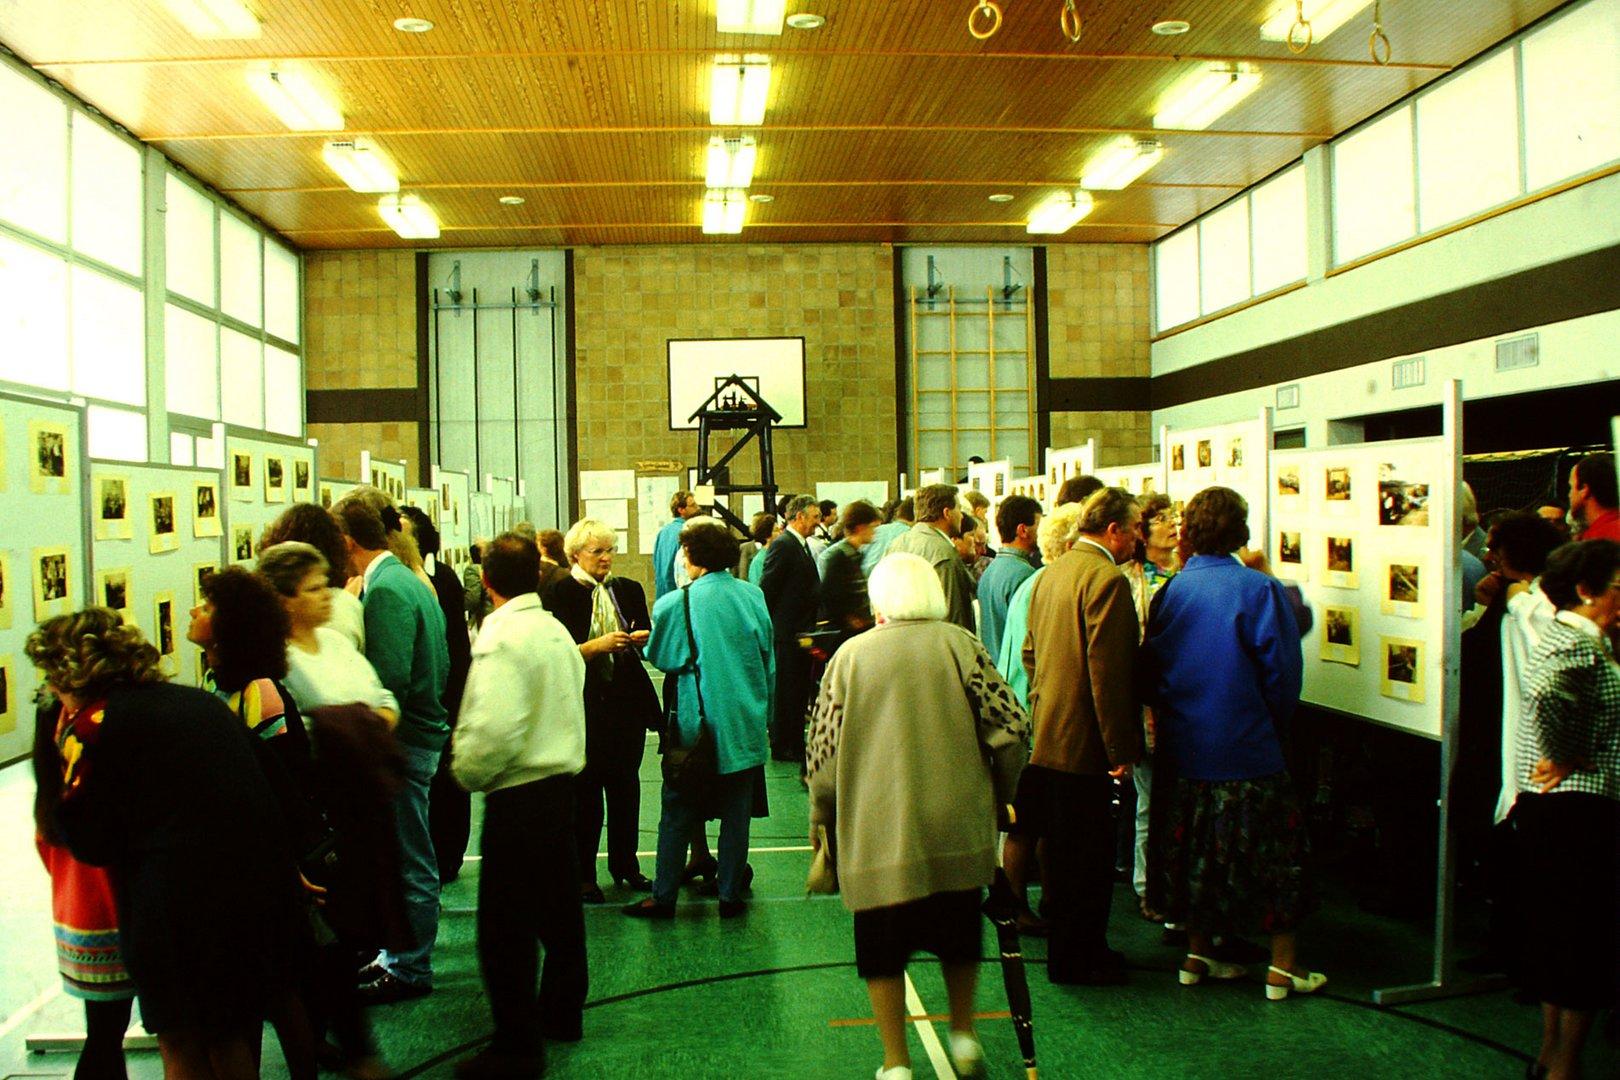 Besucher sehen sich die historischen Fotos an.